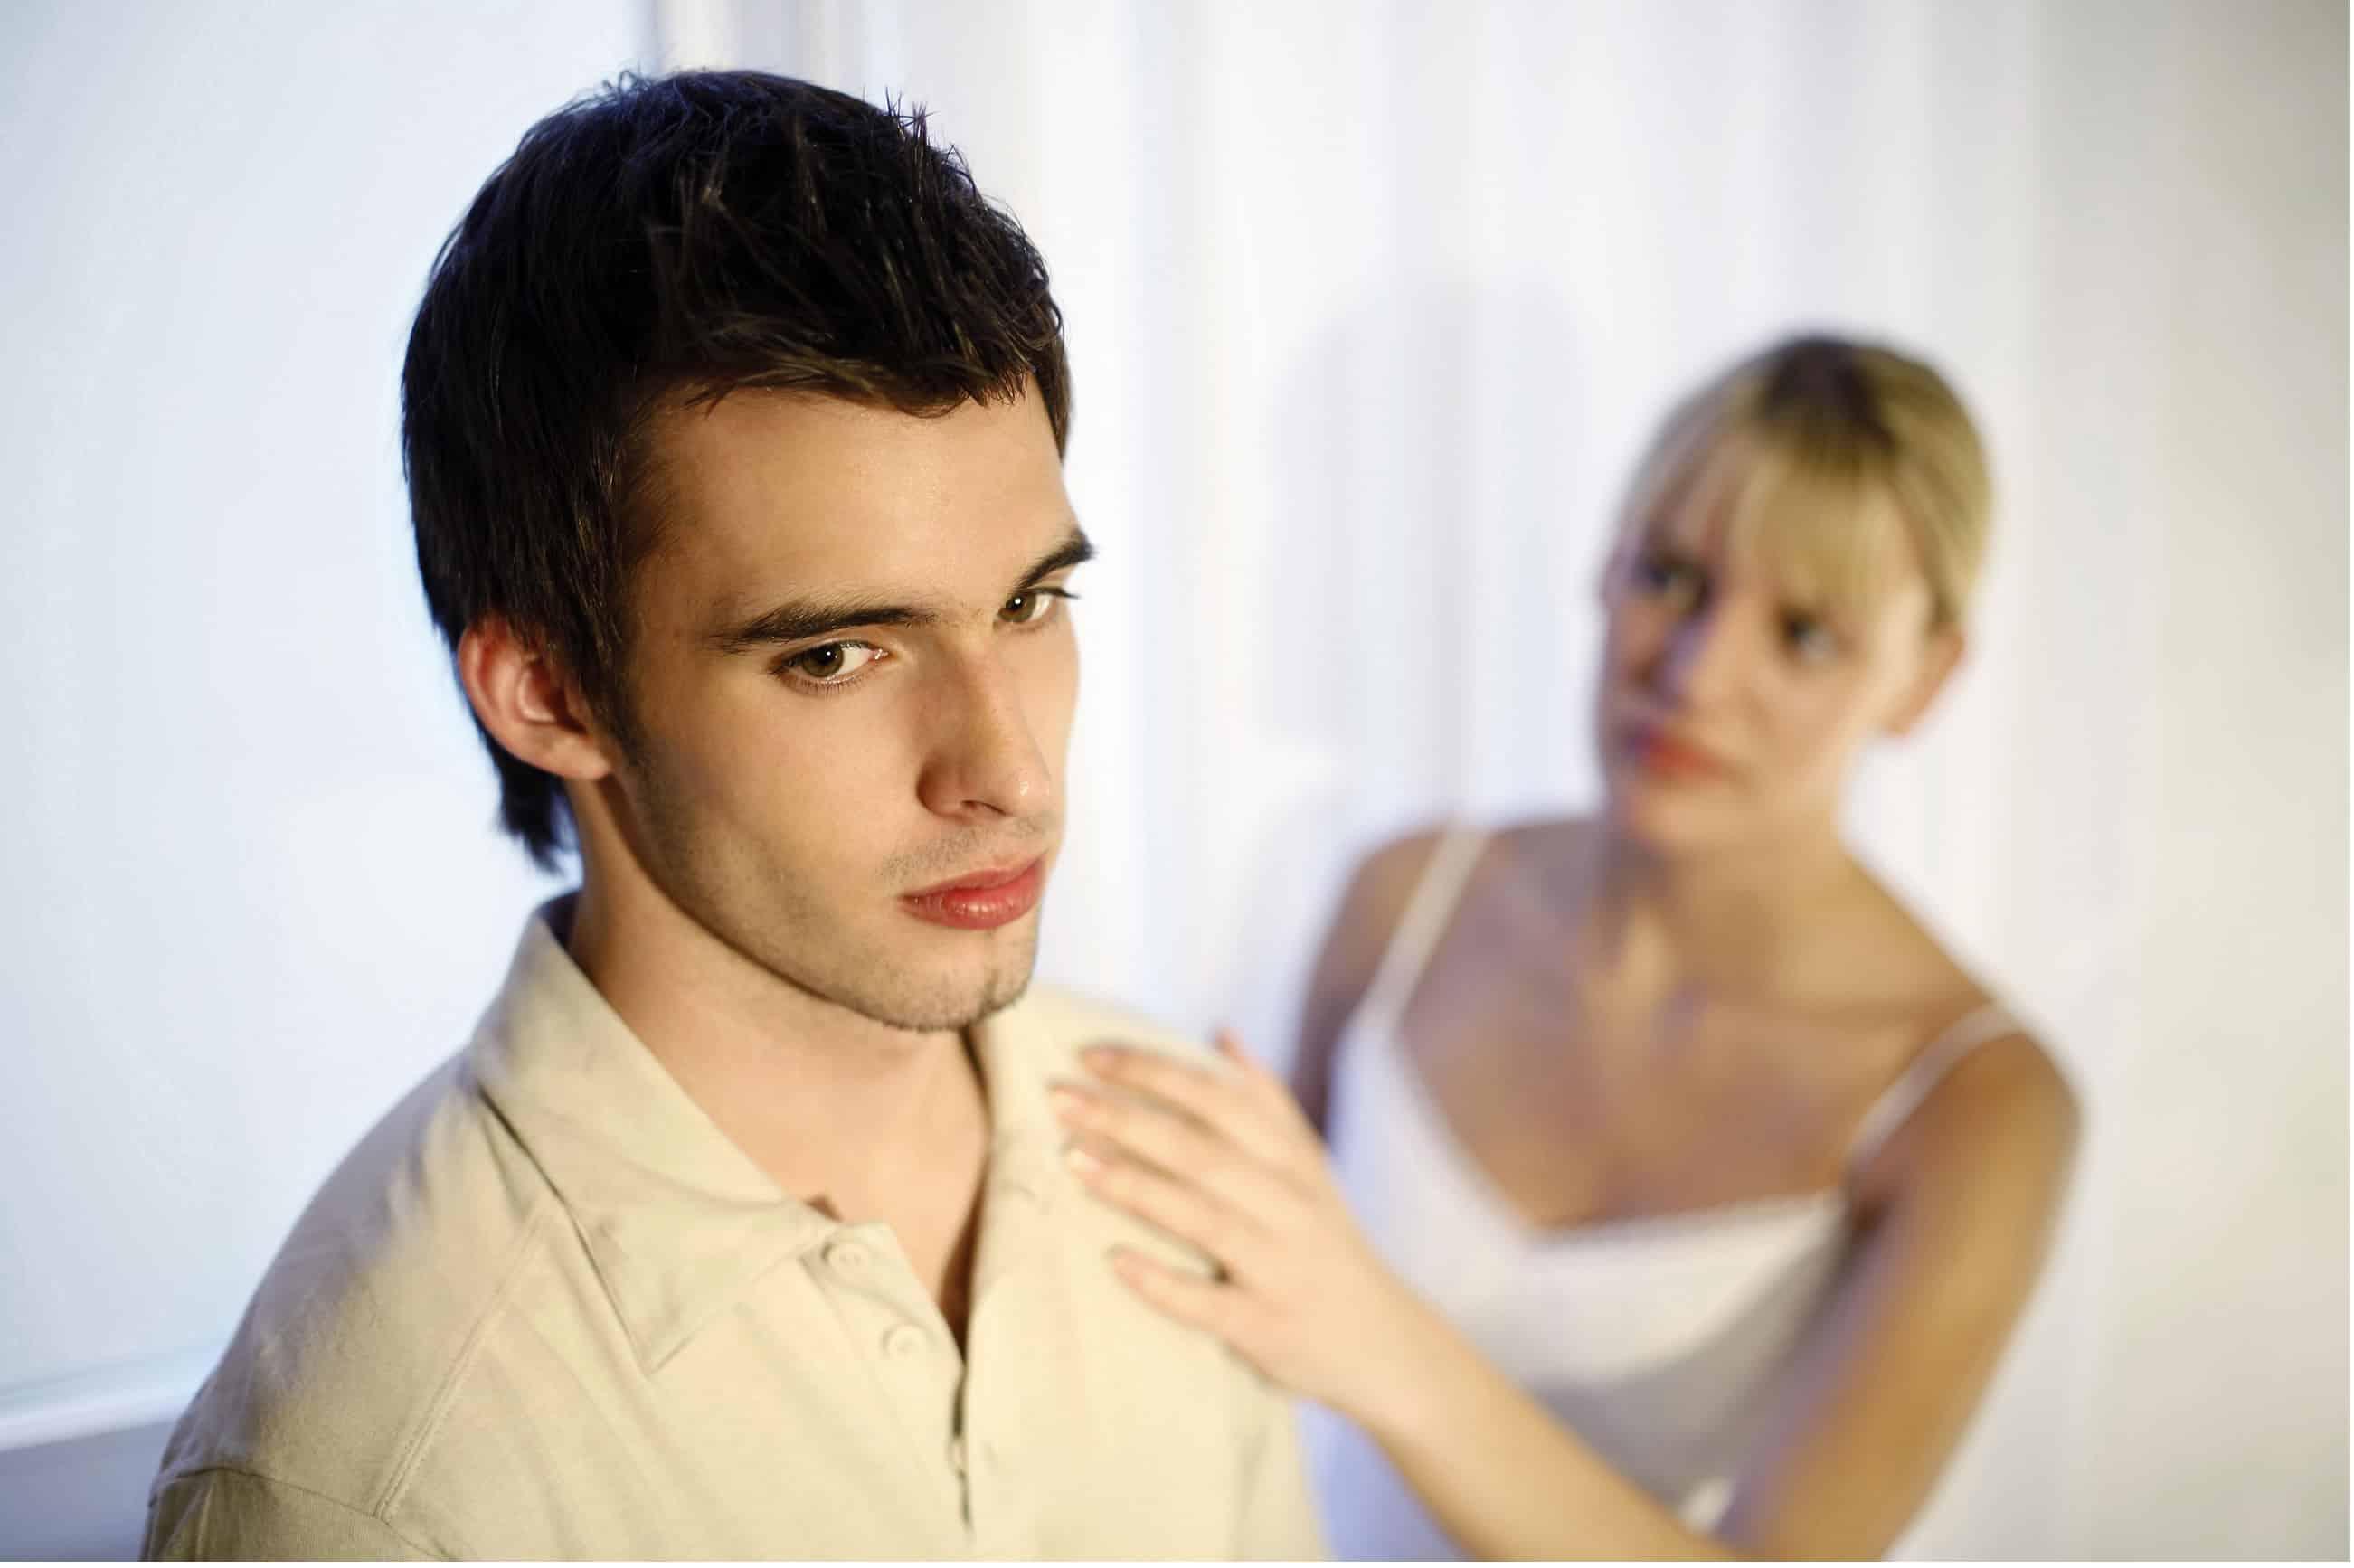 A comunicação entre o casal é fraca. Talvez o conflito aberto não seja o problema, mas você constantemente se sente incompreendida ou ignorada. Ou talvez você sinta que nem tem uma boa ideia do que está acontecendo com seu parceiro emocionalmente ultimamente; ele ou ela pode muito bem ser um estranho. Muitas vezes, um dos resultados mais tangíveis da terapia de casal rj, é o aumento da comunicação e uma grande melhoria em sua qualidade. Um psicólogo da terapia de casal rj pode equipar o casal com ferramentas que os ajudarão a se conectar, ouvir e entender um ao outro muito melhor diariamente.